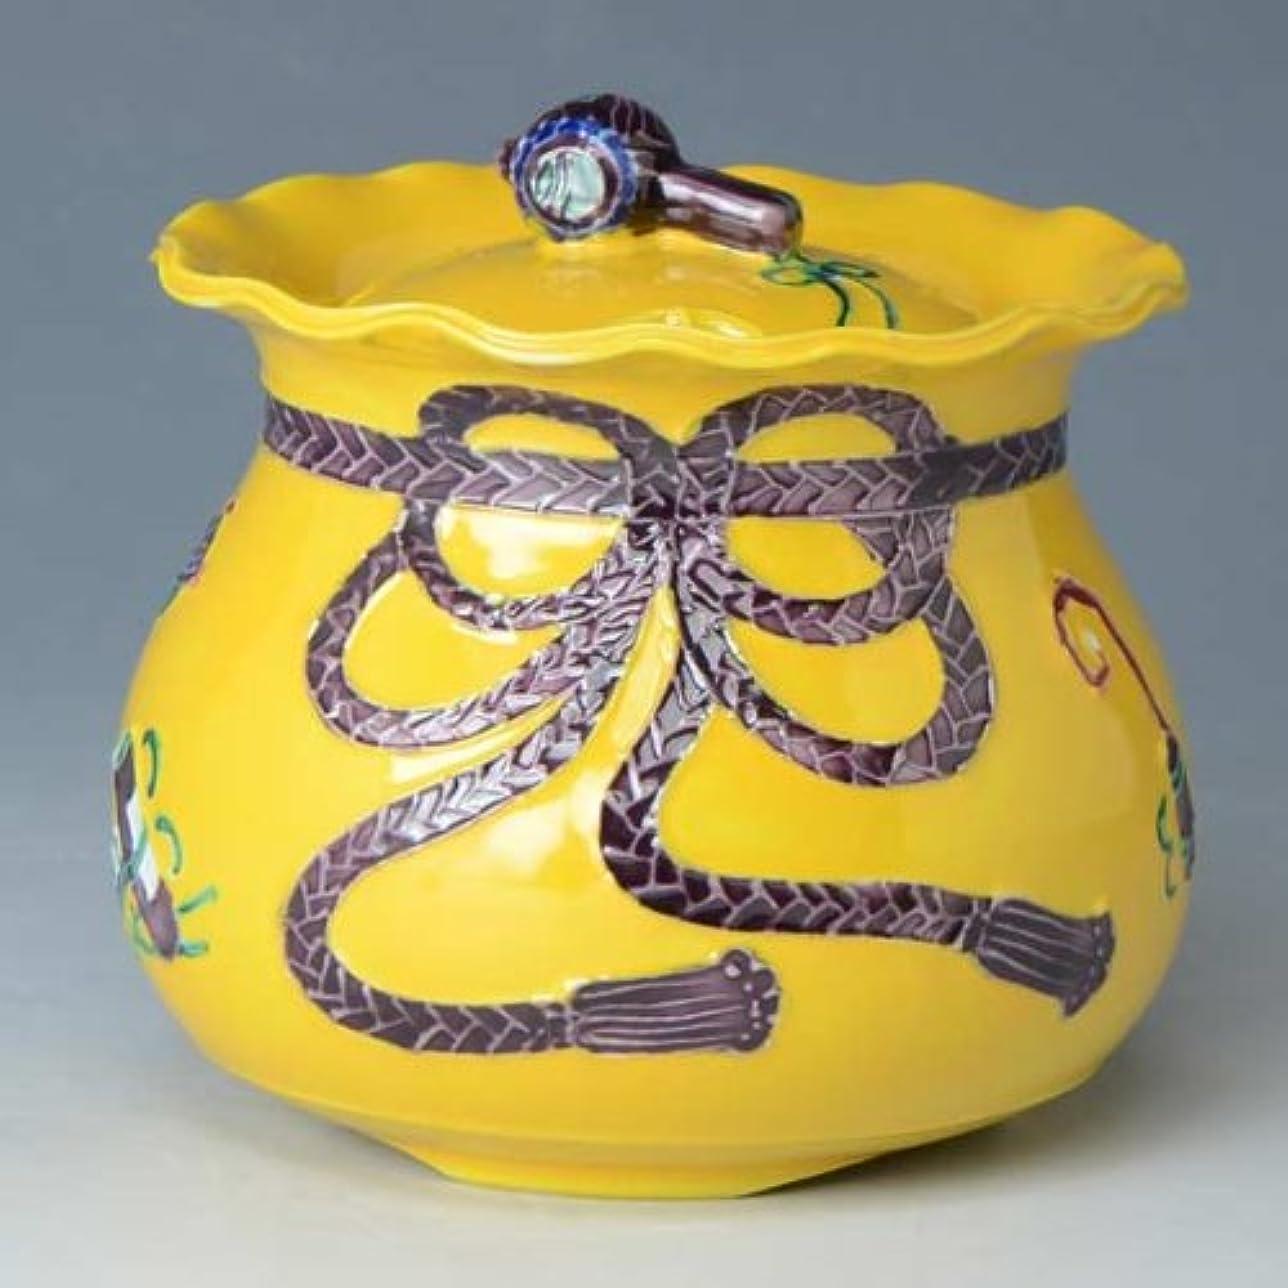 トロピカル定期的にアジア京焼 清水焼 香炉 黄交趾宝袋 きこうちたからぶくろ YKE119